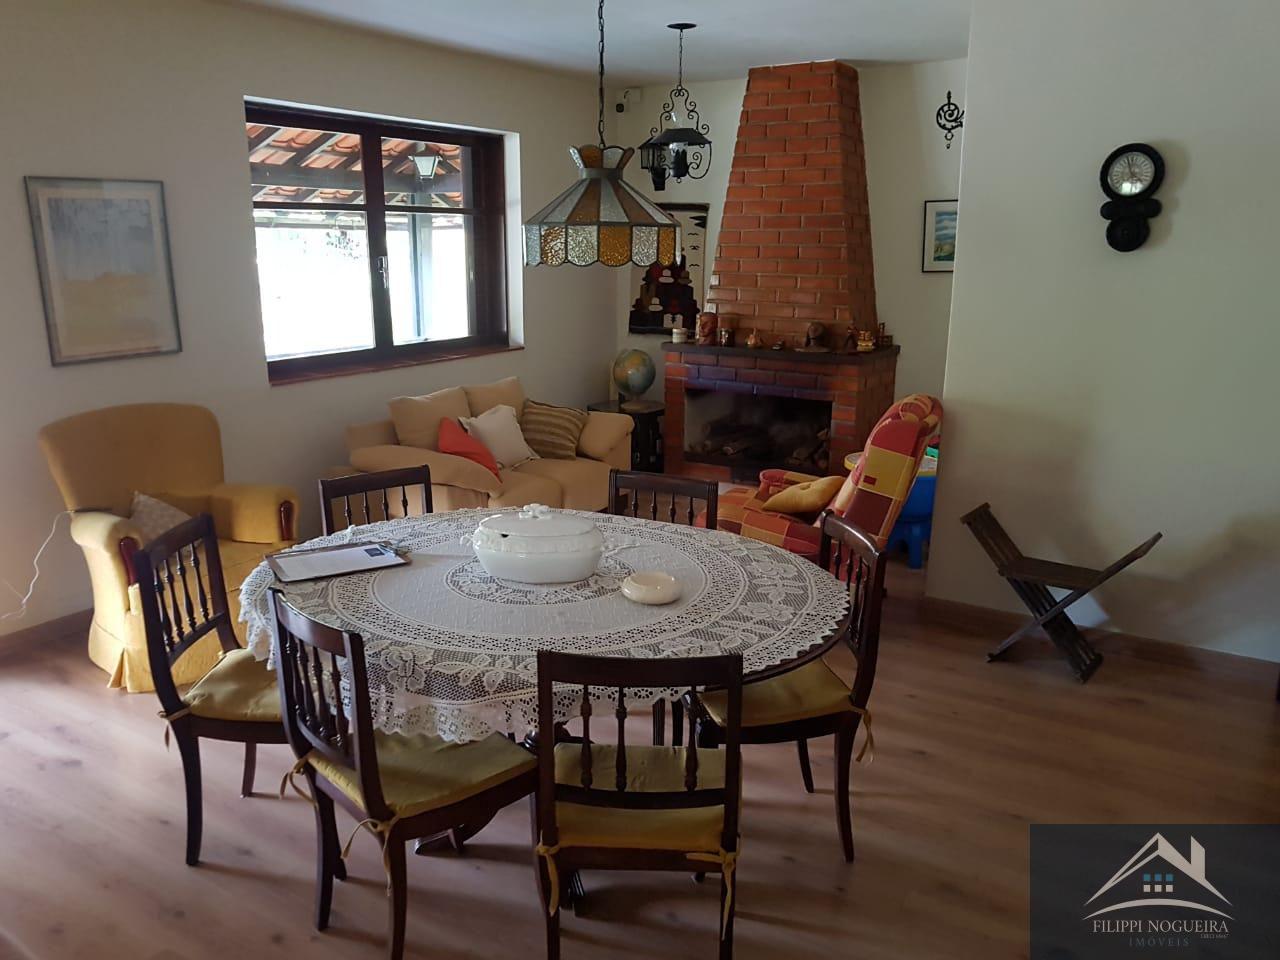 Excelente imóvel com 6 quartos e piscina na Vila Suissa. - csvl - 17